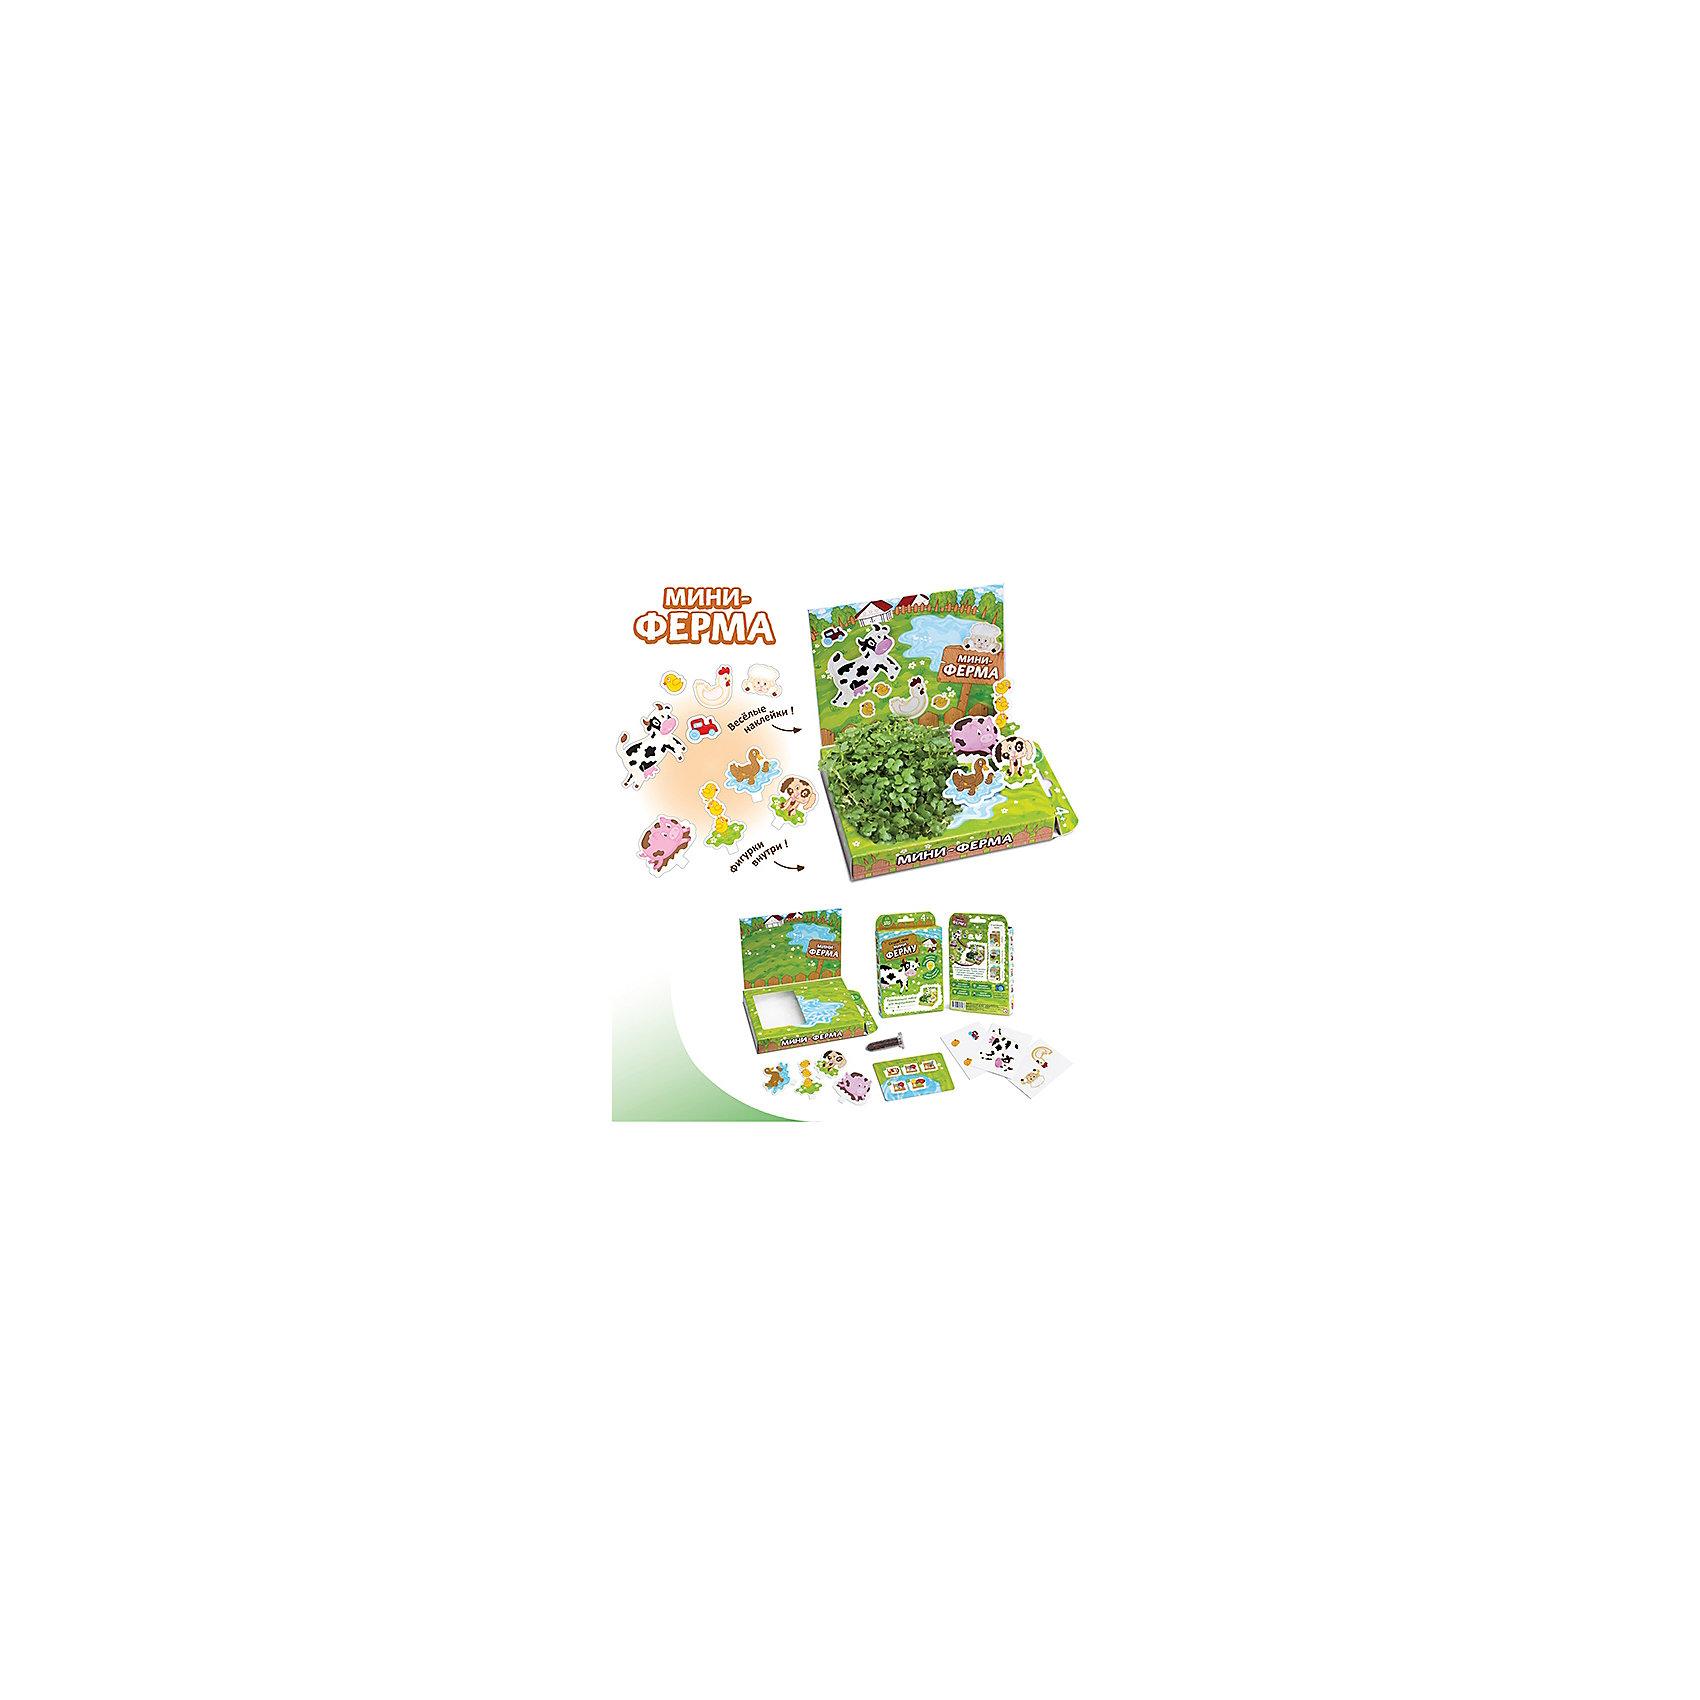 Набор для выращивания Мини-ферма Happy PlantВыращивание растений<br>Детский развивающий набор для выращивания Мини-ферма, Happy Plant.<br><br>Характеристики:<br><br>• возможность вырастить настоящую травку, не выходя из дома<br>• прост в использовании<br>• подходит в качестве подарка<br>• безопасные материалы<br>• гарантия качества<br>• в комплекте: наклейки, 3 фигурки, семена, контейнер для растений, агроткань<br>• размер упаковки: 15х11х2,5 см<br>• вес: 30 грамм<br><br>Набор Мини-ферма познакомит ребенка с домашними животными и научит его самостоятельно сажать растения и ухаживать за ними. Семена будут прорастать на агроткани и уже через 3-4 дня вы сможете увидеть первые ростки. Еще через несколько дней контейнер преобразится в настоящий сад, за которым нужно ухаживать. Отличный подарок для любознательных детей!<br><br>Детский развивающий набор для выращивания Мини-ферма, Happy Plant вы можете приобрести в нашем интернет-магазине.<br><br>Ширина мм: 175<br>Глубина мм: 115<br>Высота мм: 25<br>Вес г: 30<br>Возраст от месяцев: 168<br>Возраст до месяцев: 240<br>Пол: Унисекс<br>Возраст: Детский<br>SKU: 5053967